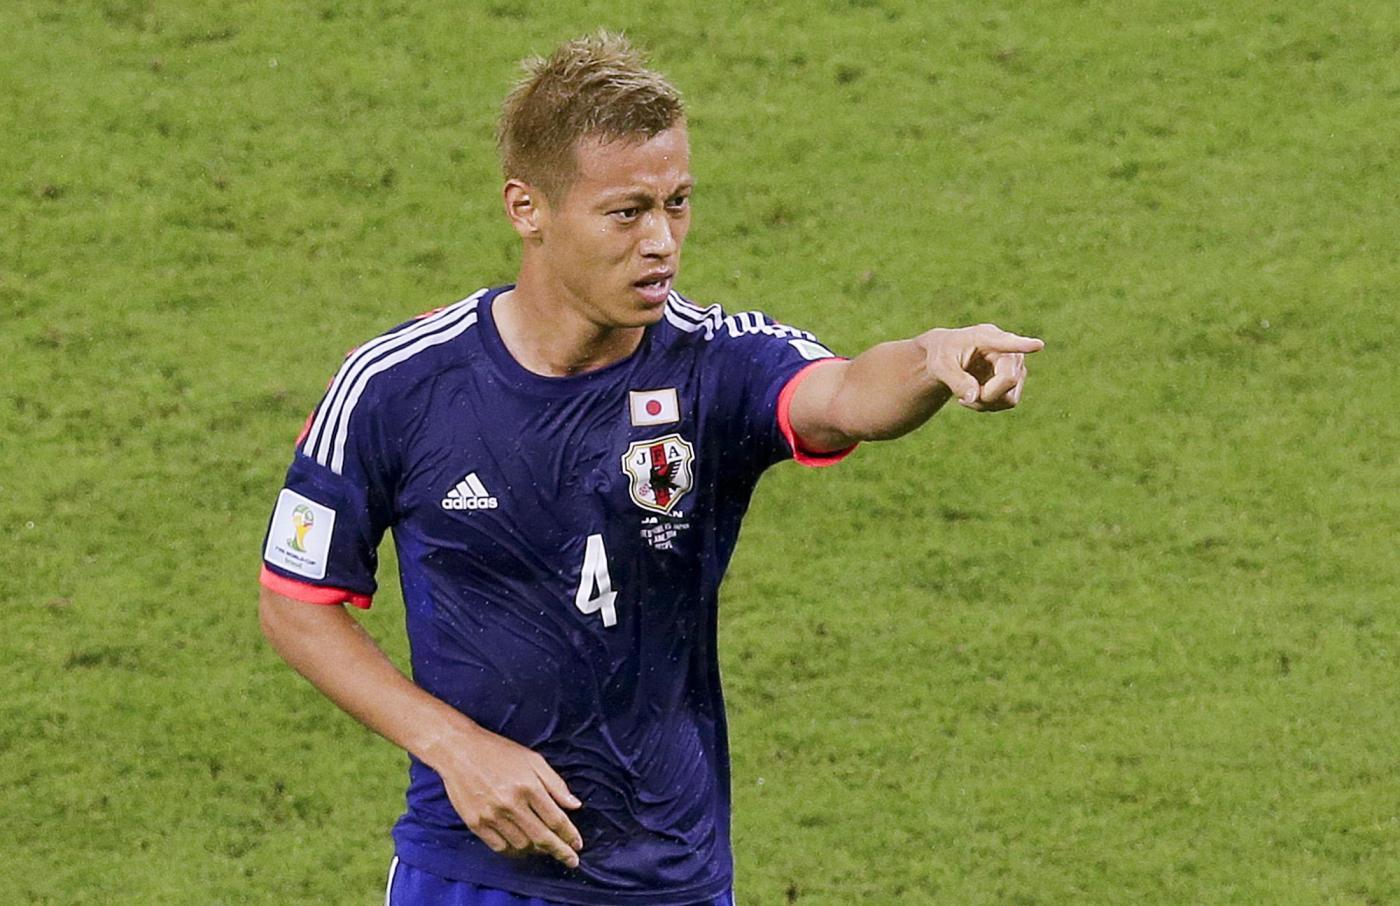 Giappone-Ghana 30 maggio: di nuovo in campo Honda e Kagawa